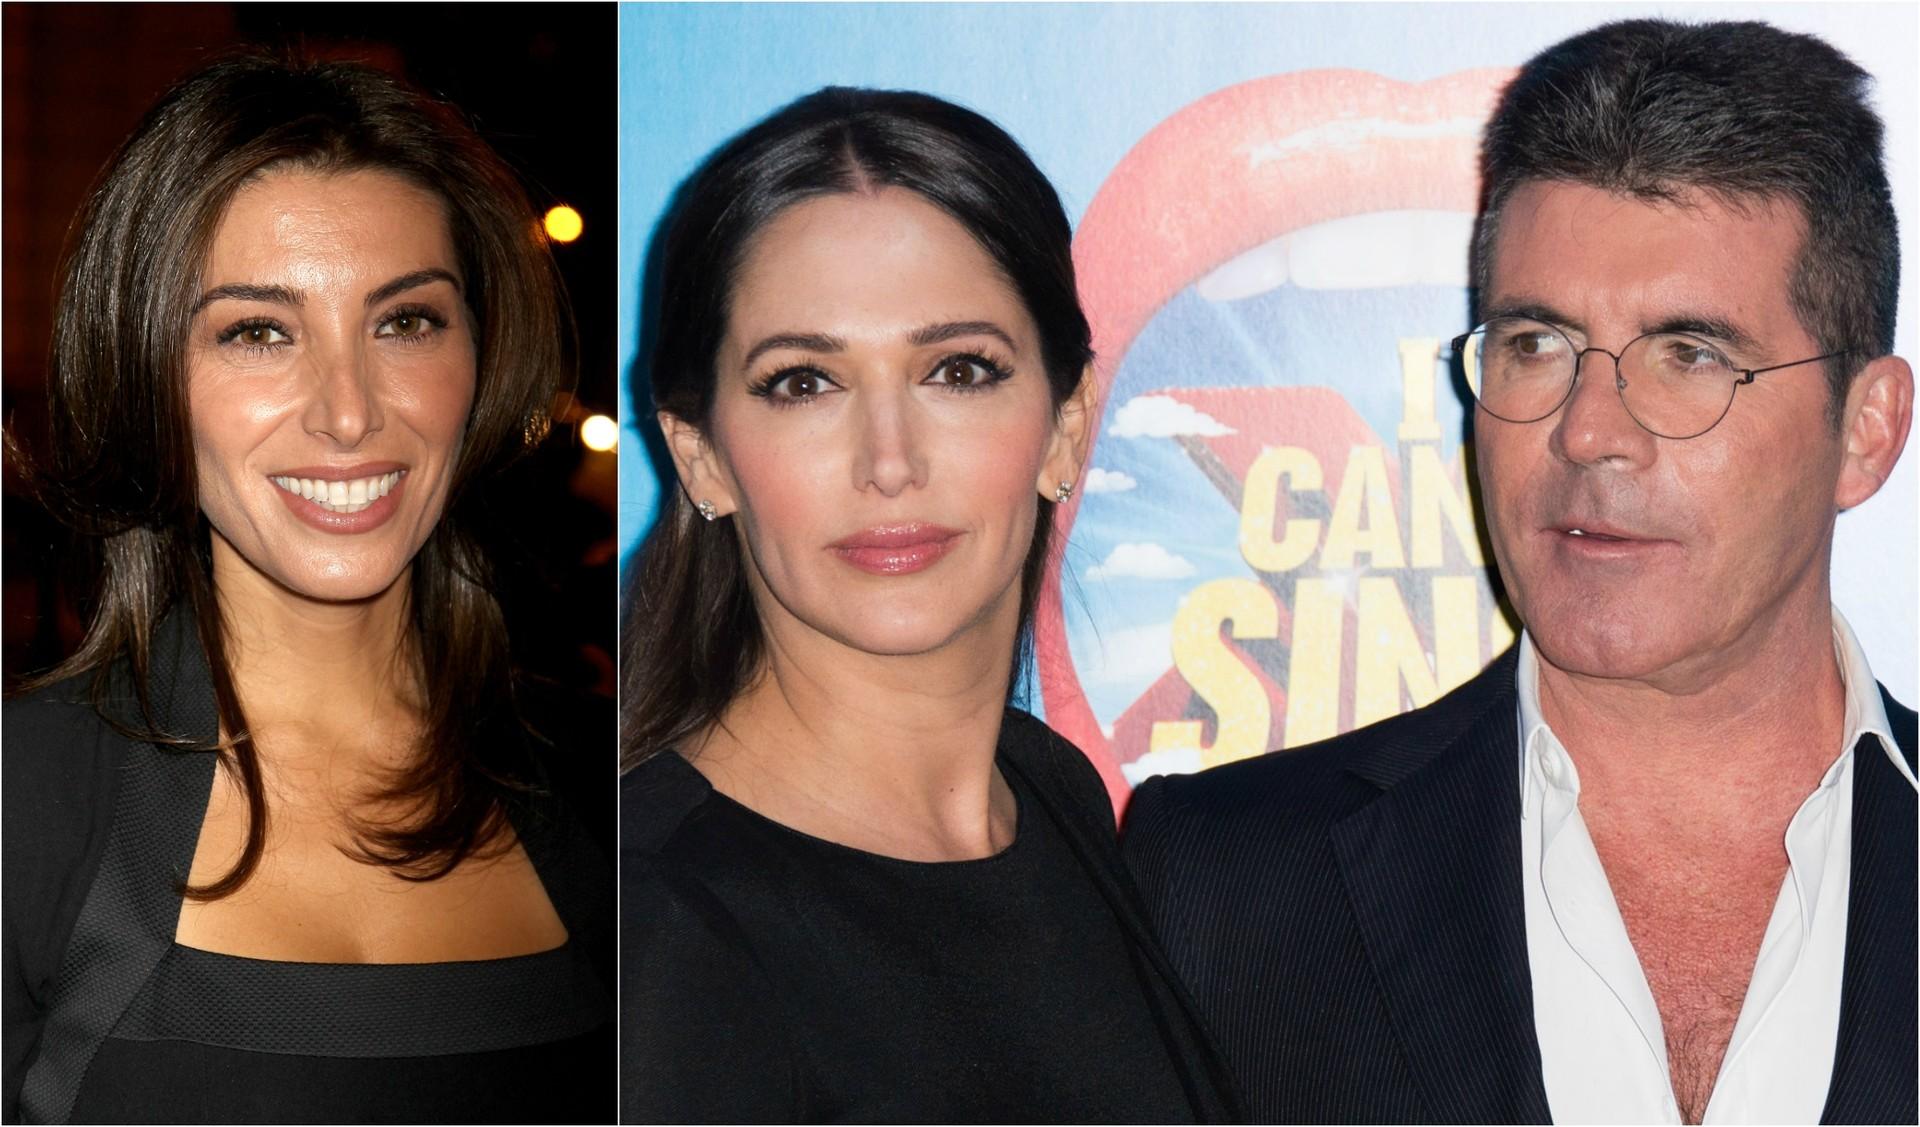 Simon Cowell tem até um filho com sua atual companheira, Lauren Silverman. A moça é a cara da ex do jurado de shows de calouros, Mezhgan Hussainy. (Foto: Getty Images)